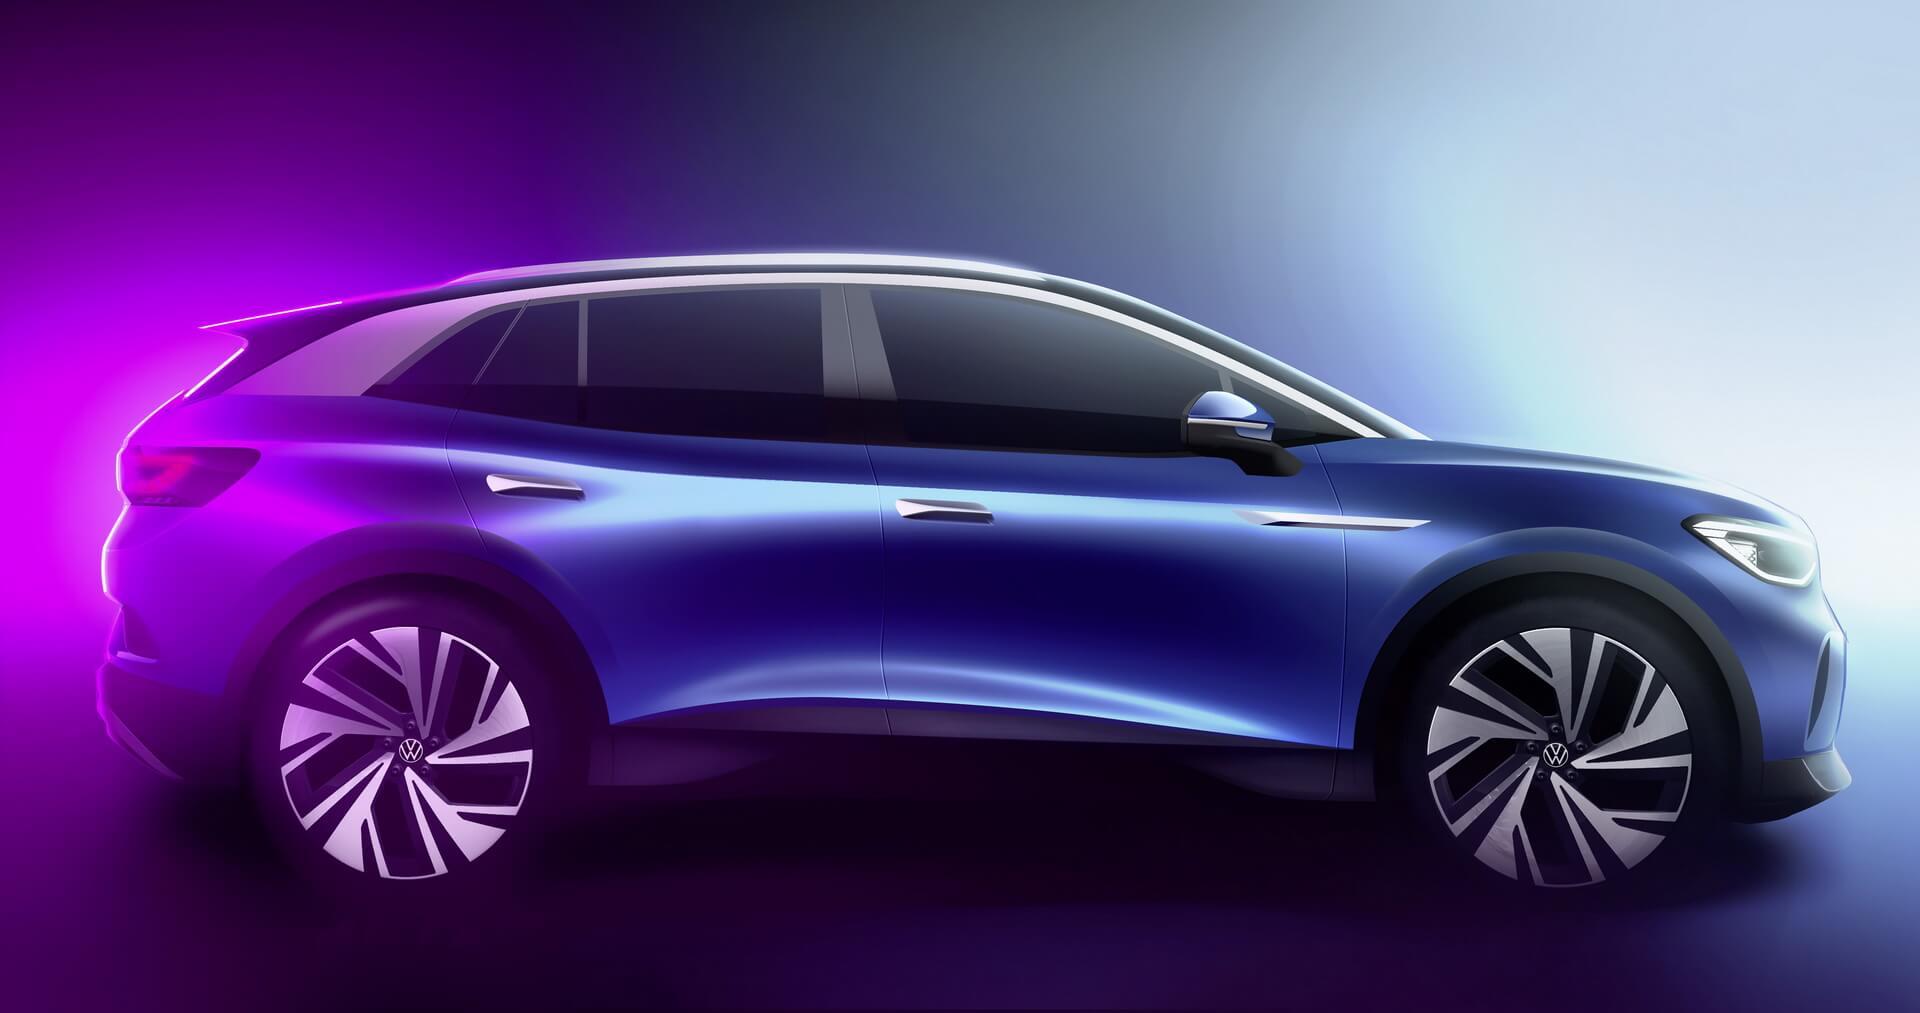 Полностью электрический кроссовер Volkswagen ID.4 будет производиться и продаваться в Европе, Китае, а затем и в США